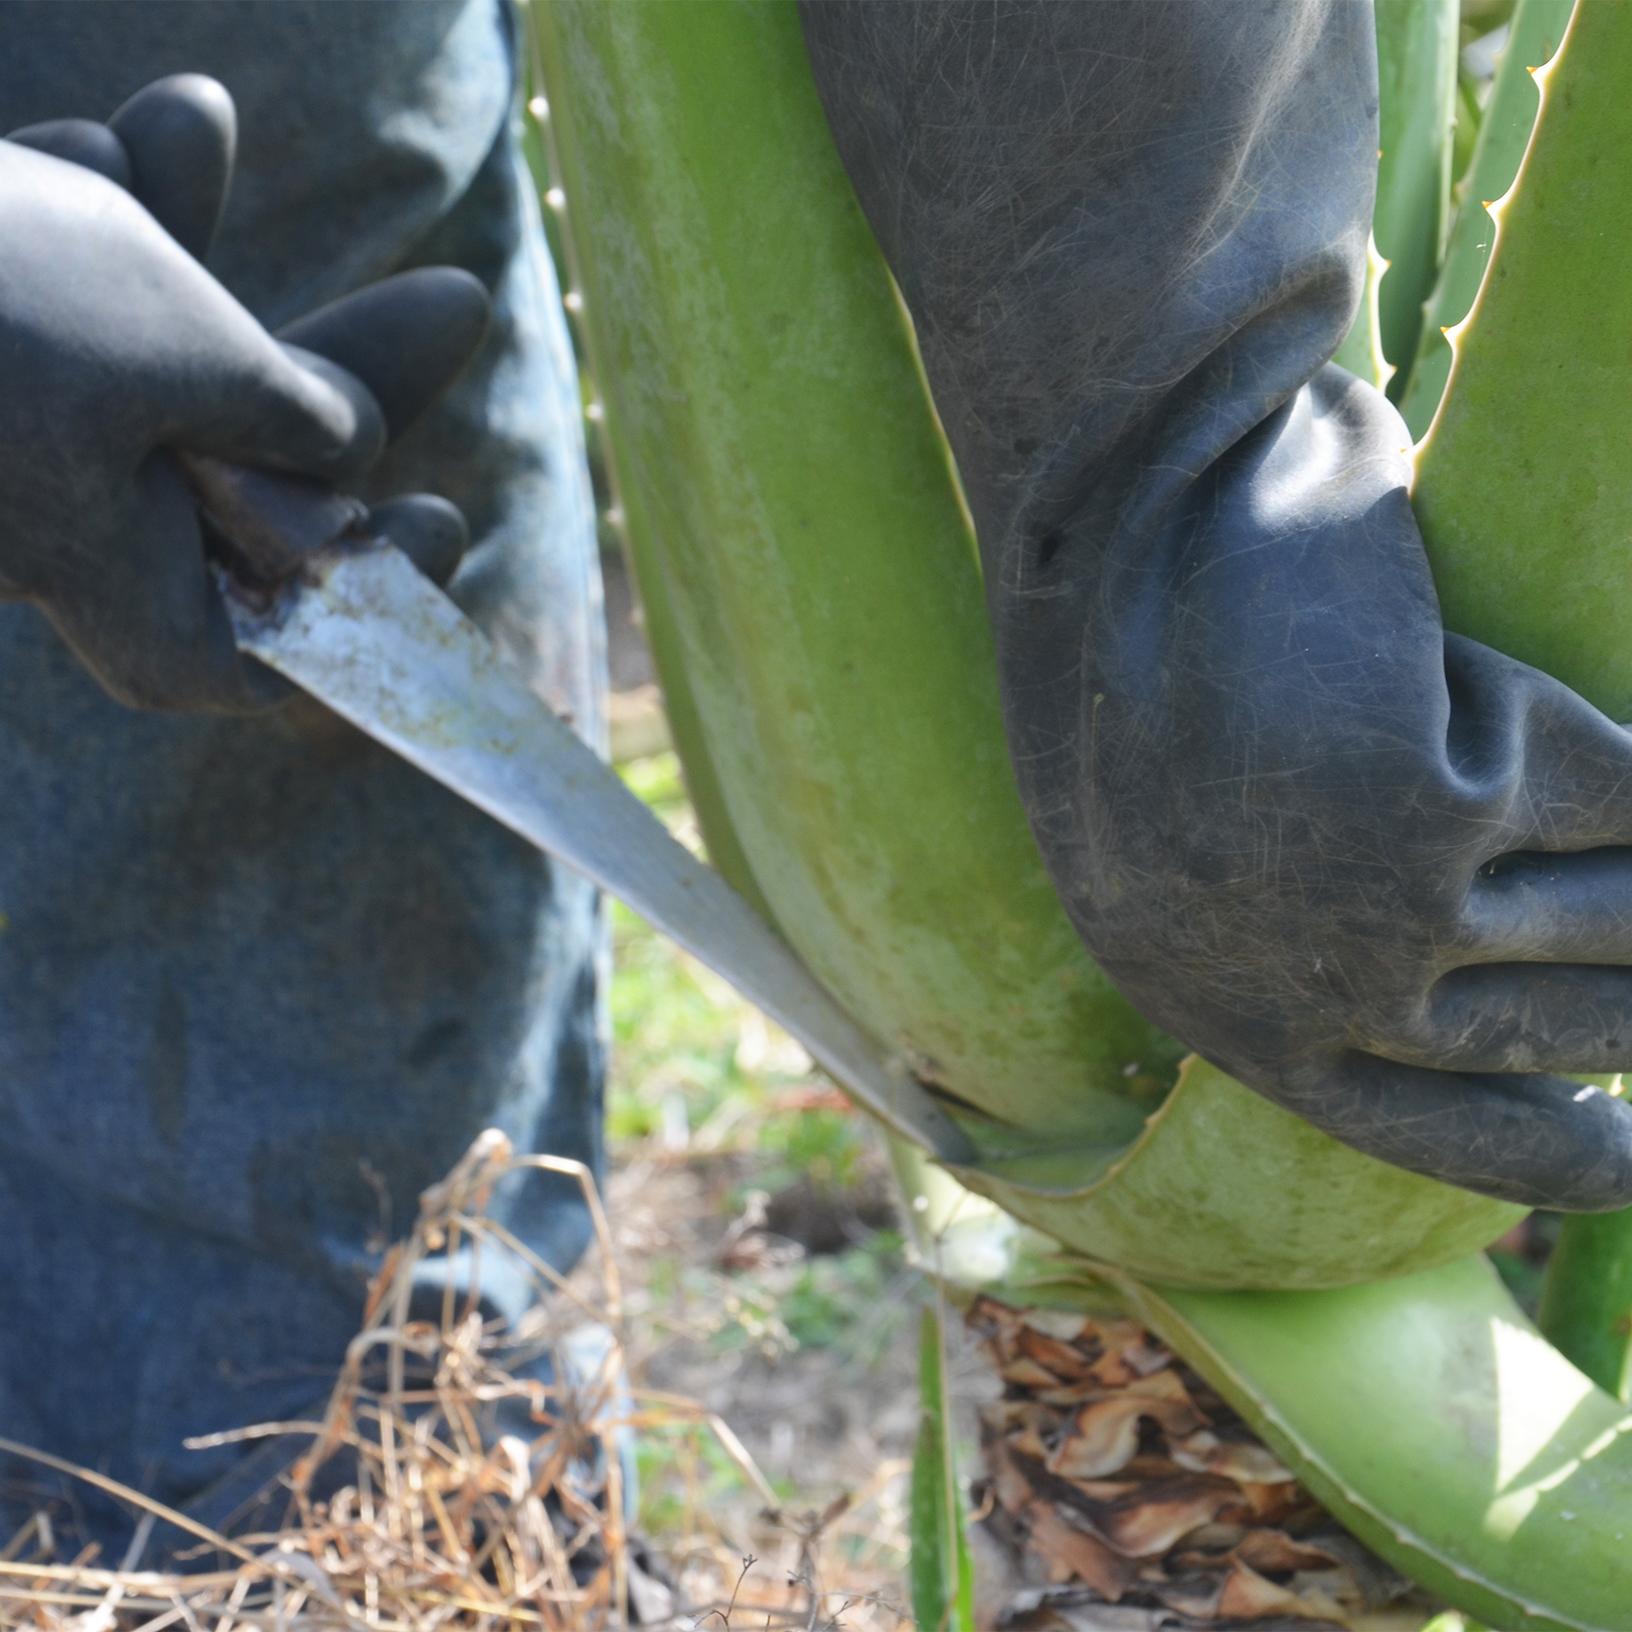 Aloe Vera Pflanze wird geerntet und das Blatt mit einem Messer abgeschnitten.